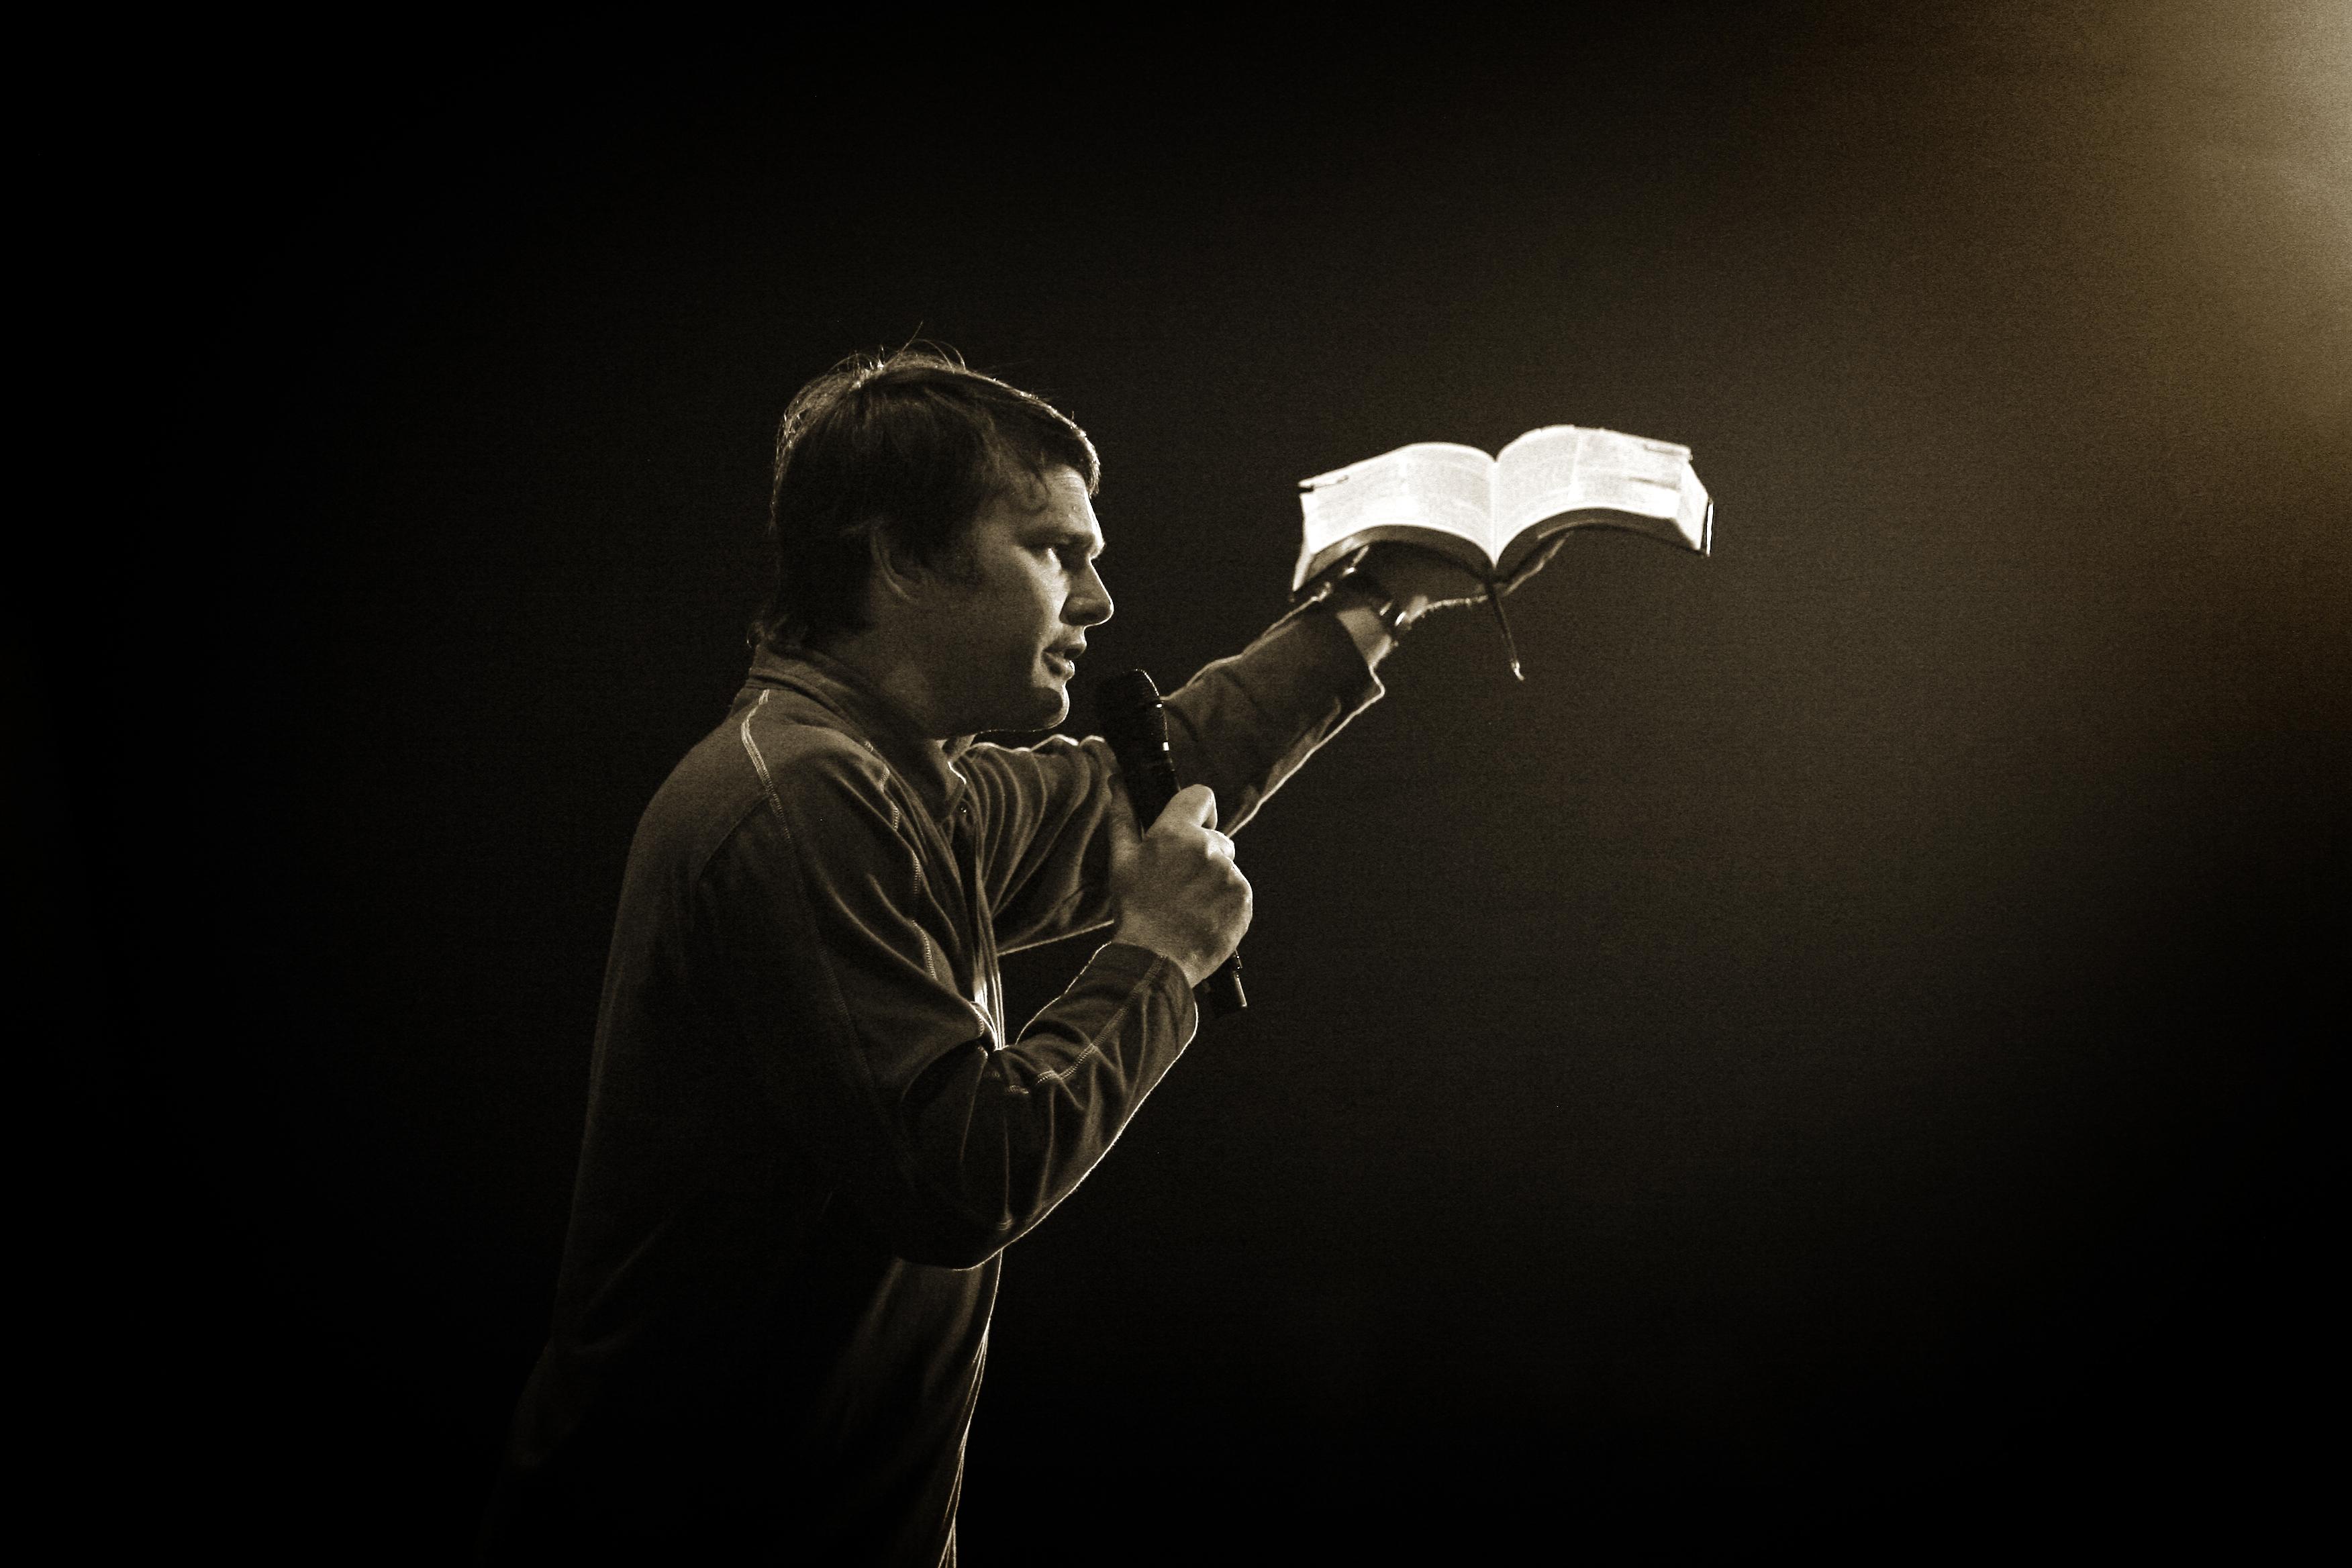 Проповедь на основе курсов по индуктивному изучению Библии